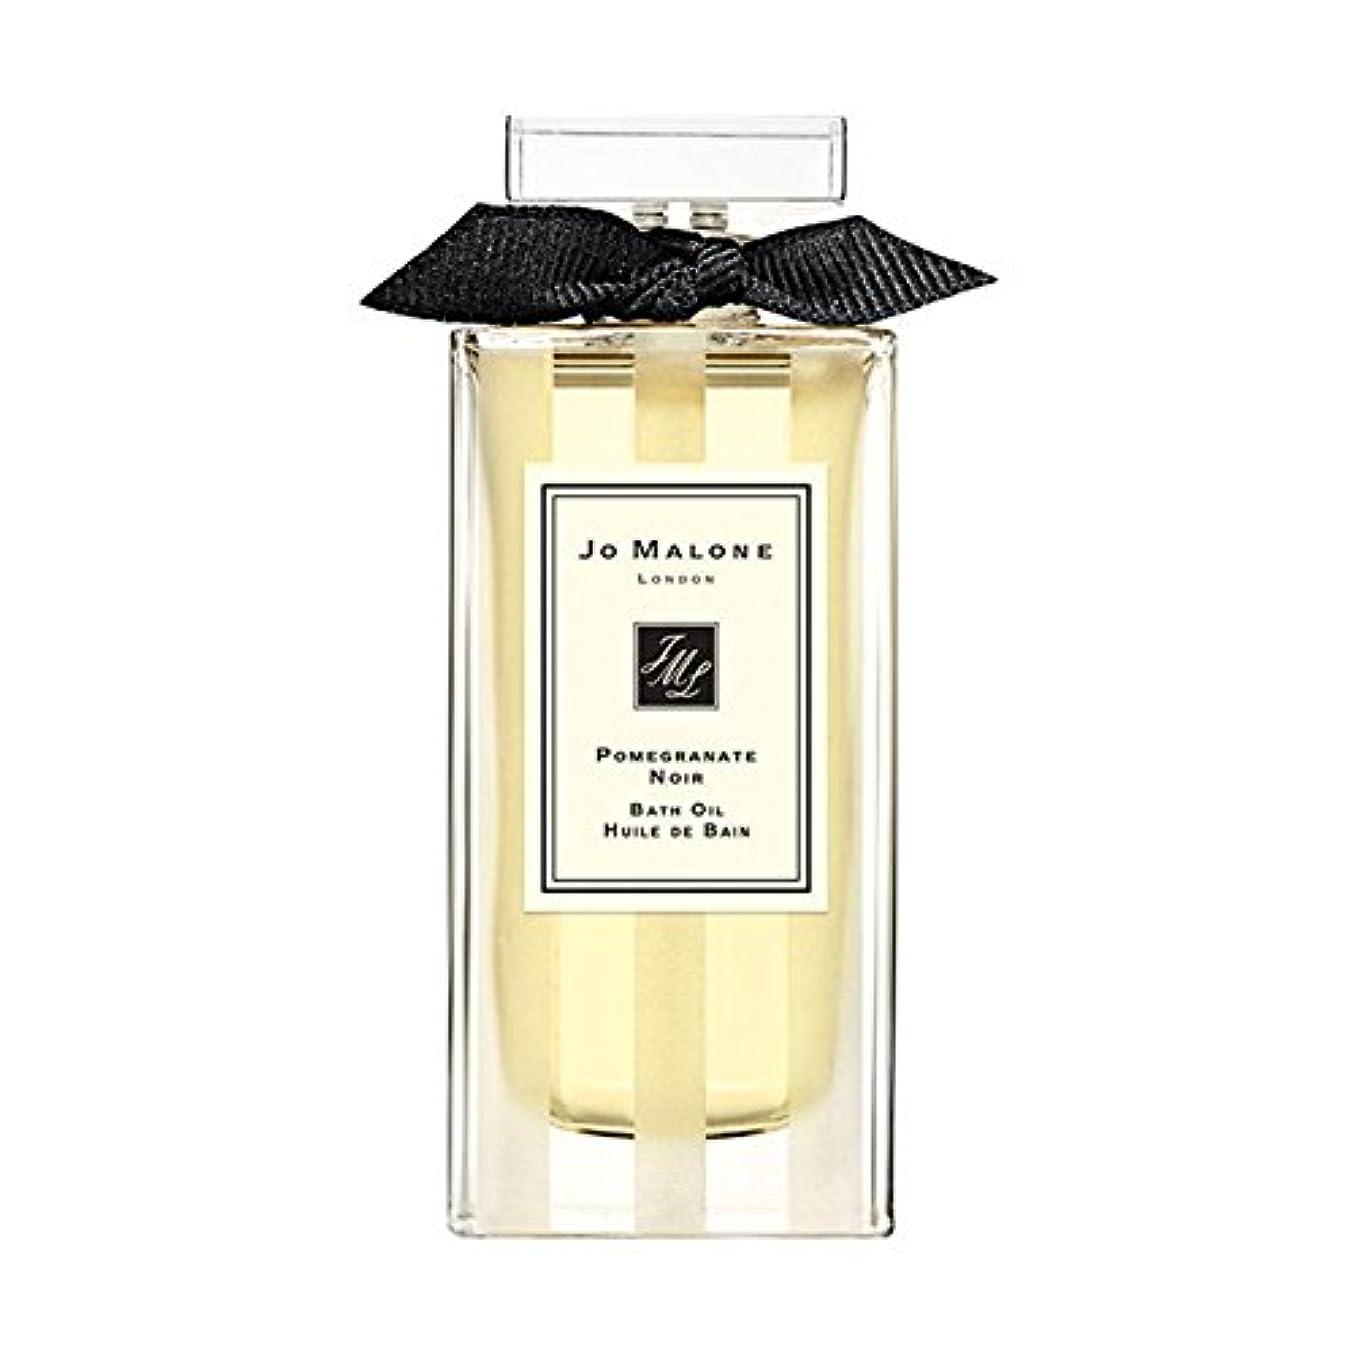 進捗めんどりアマゾンジャングルJo Malone ジョーマローン, バスオイル -ザクロ?ノワール (30ml),'Pomegranate Noir' Bath Oil (1oz) [海外直送品] [並行輸入品]